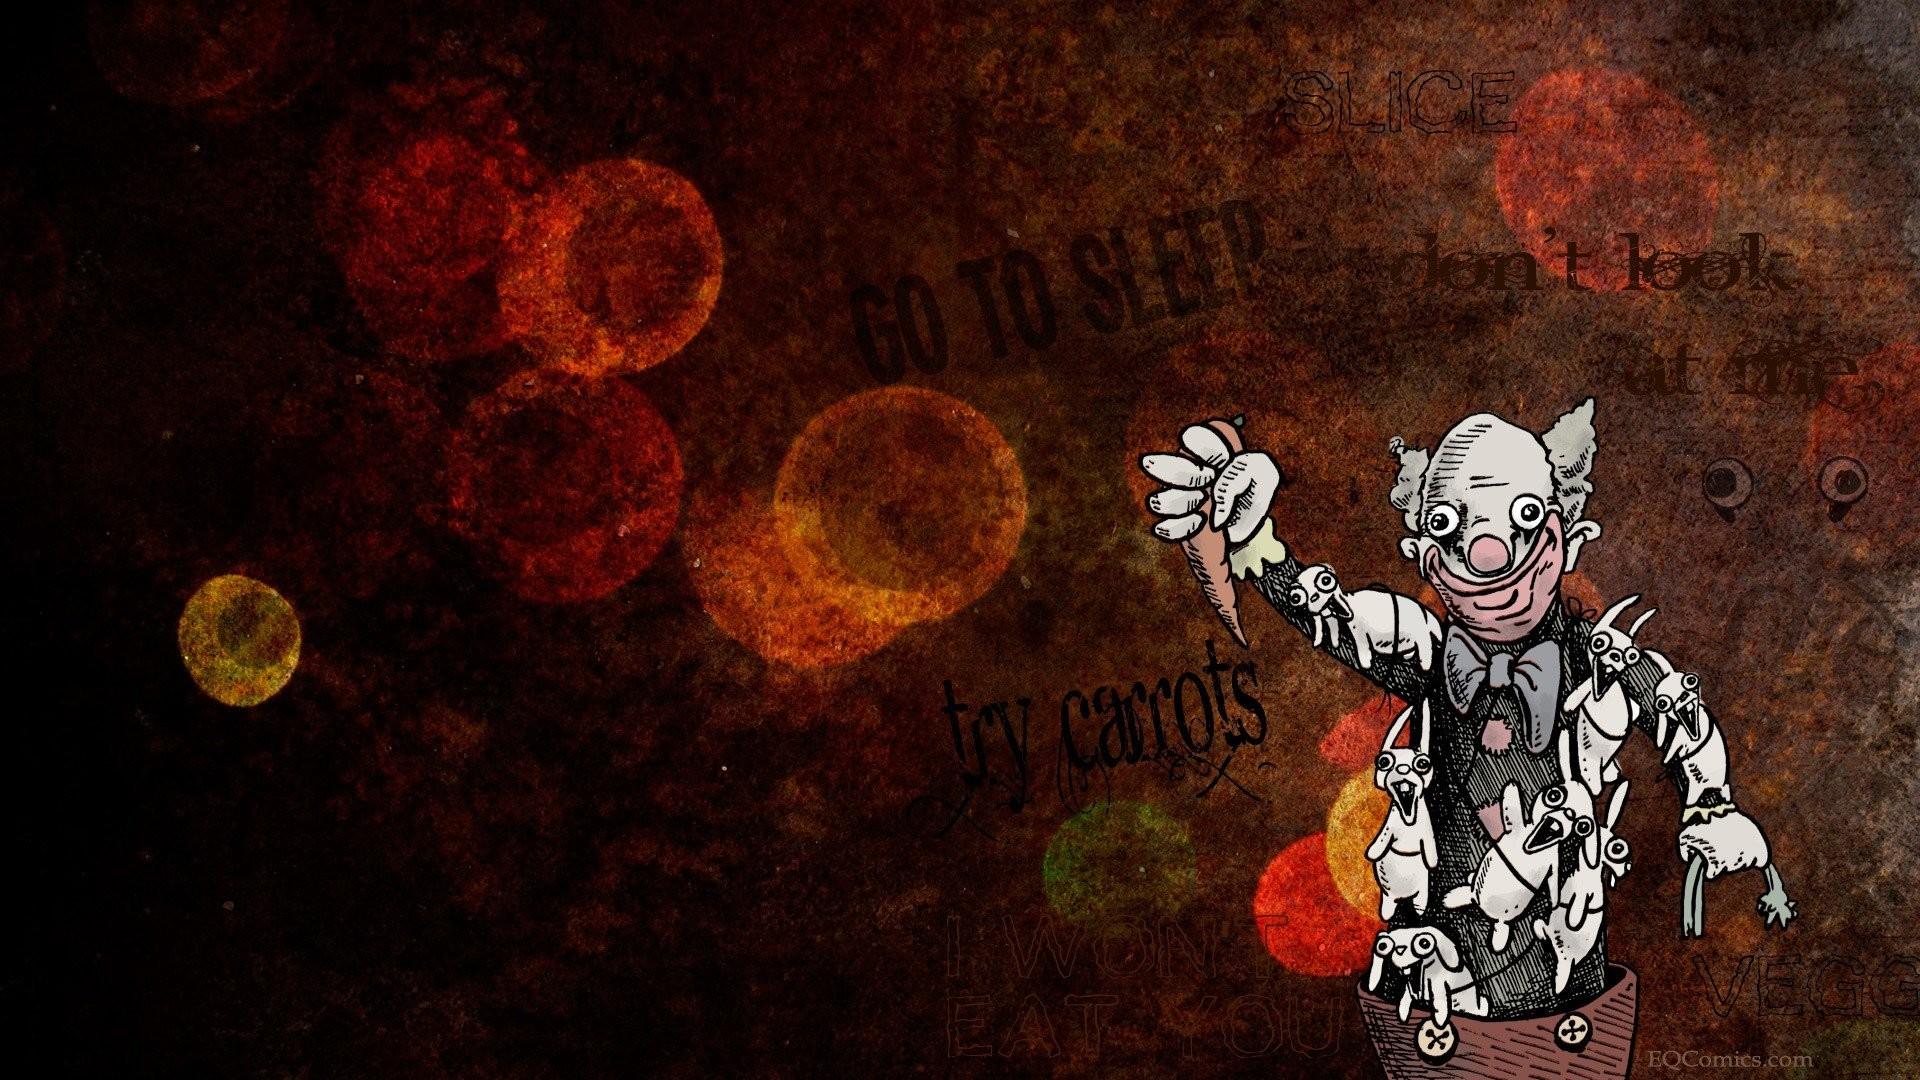 Clown 485489 · evil clown